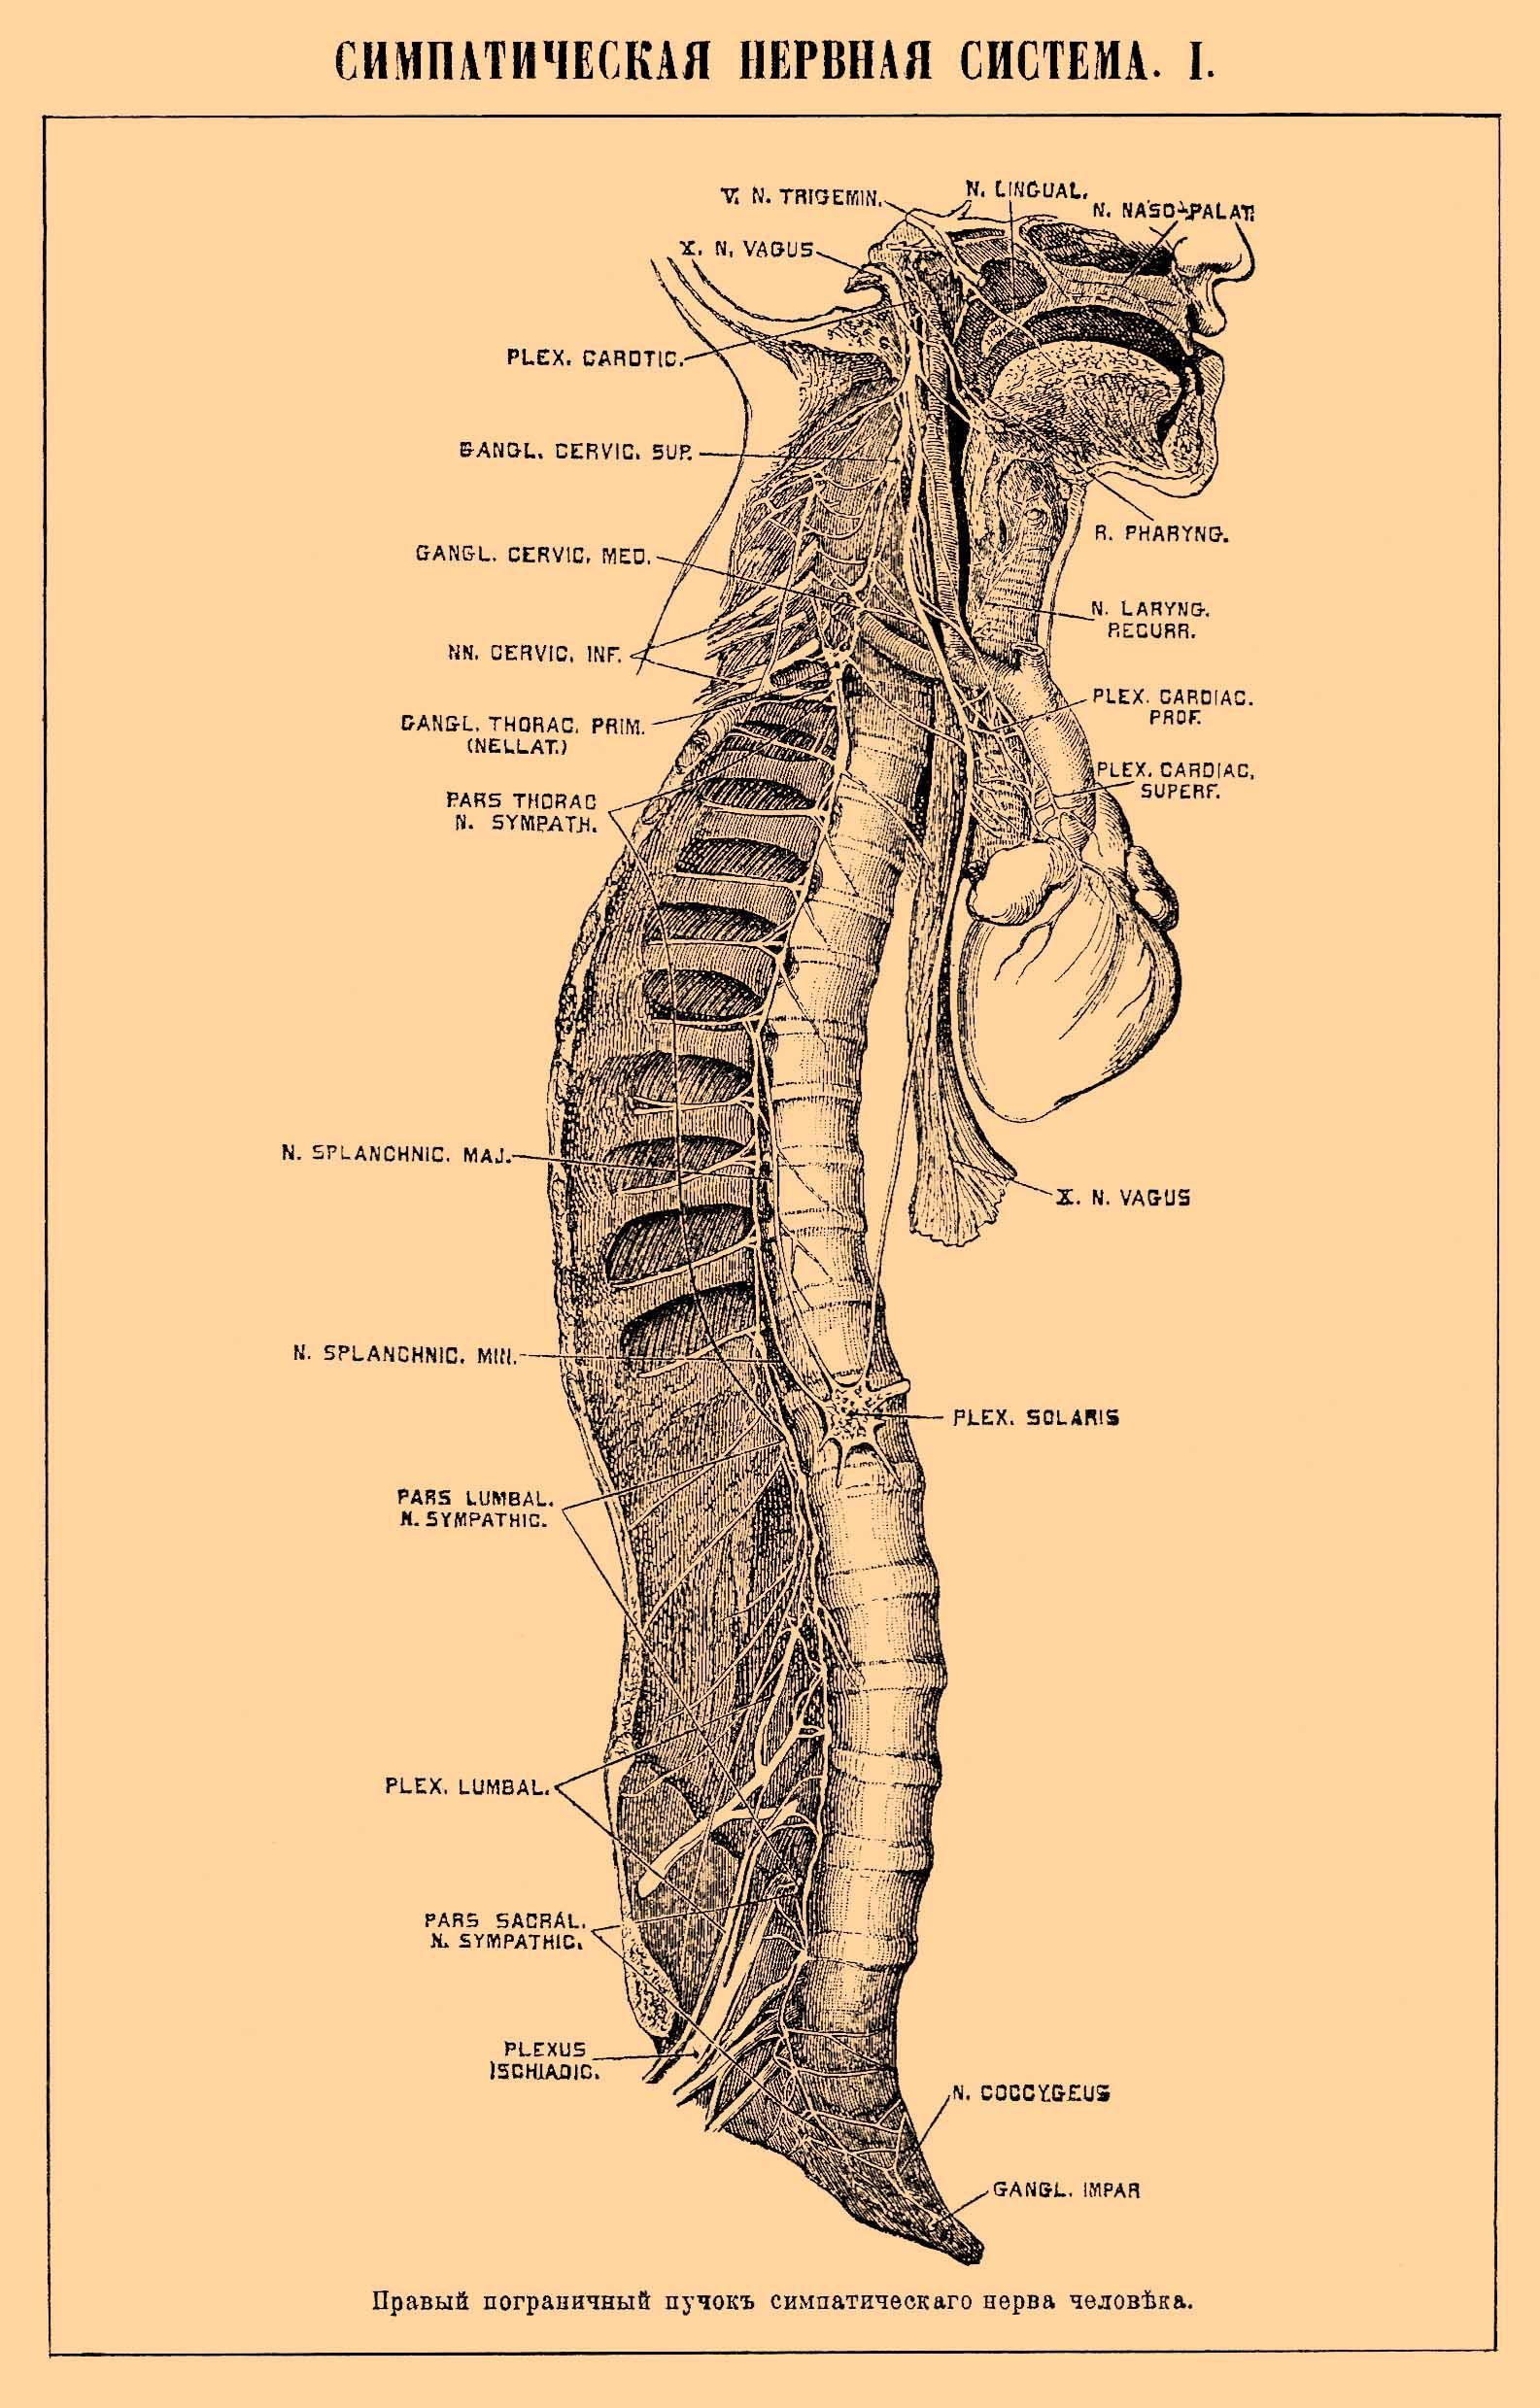 Система Нервная Симпатическая